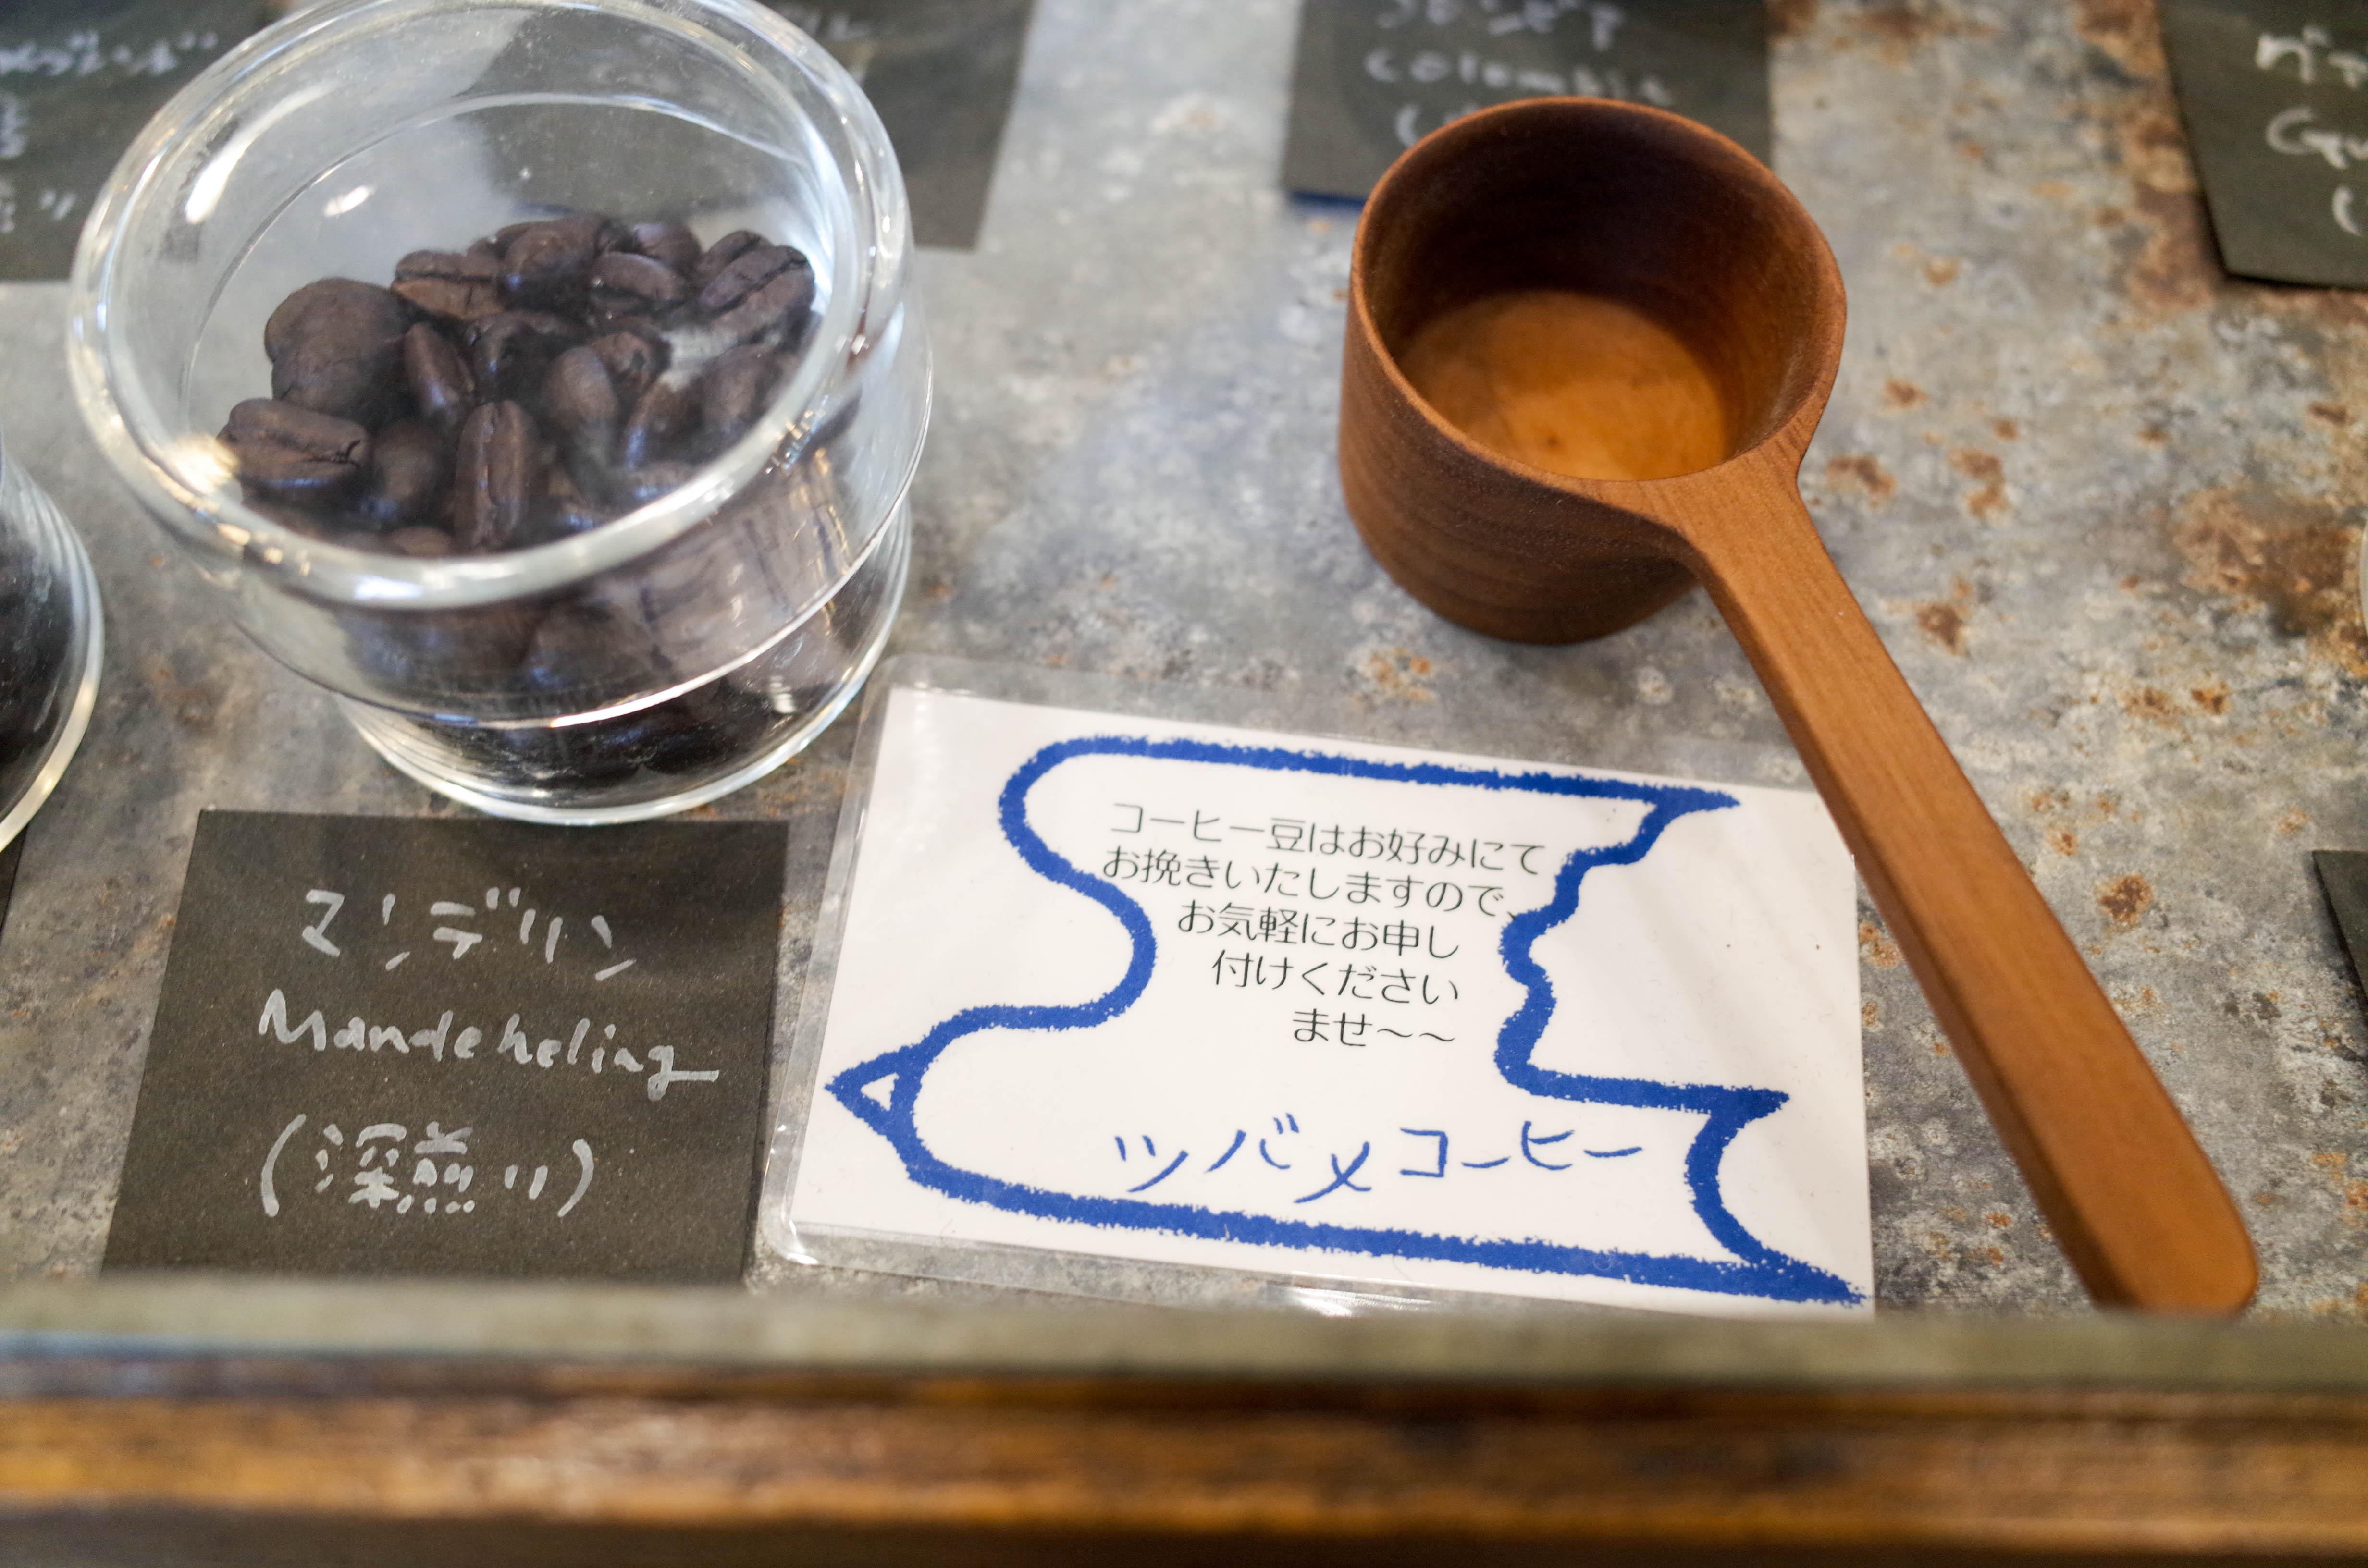 美容院と併設のカフェ!?居心地抜群の新潟県燕市吉田【ツバメコーヒー】に行ってきた!